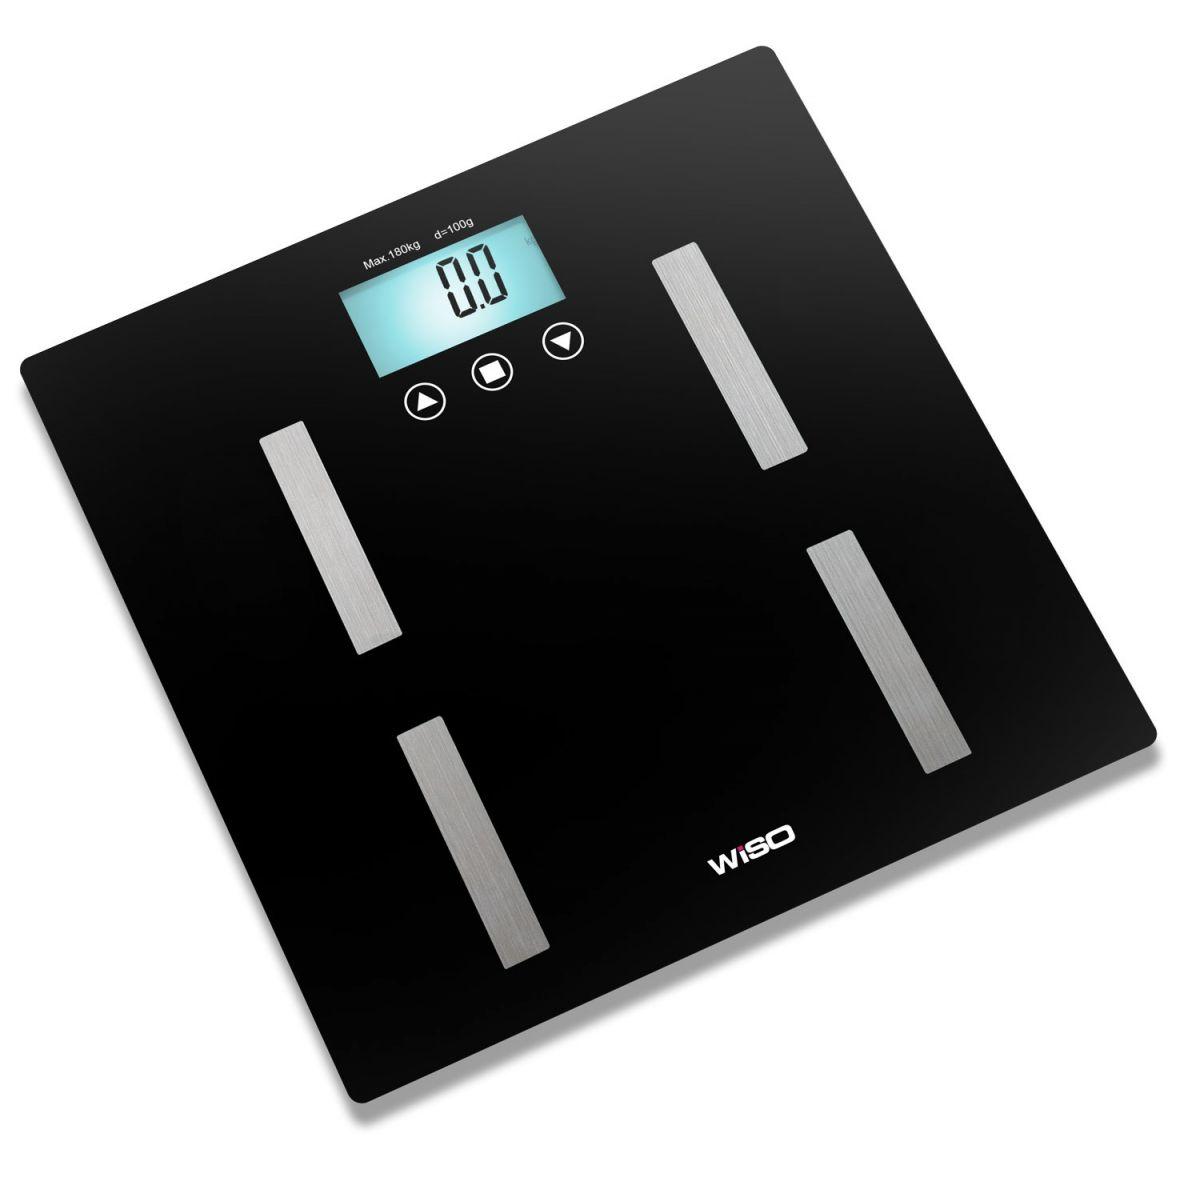 em Promoção só hoje na Iniciativa Fitness Equipamentos para  #358F96 1200x1200 Balança Digital Banheiro Avaliação